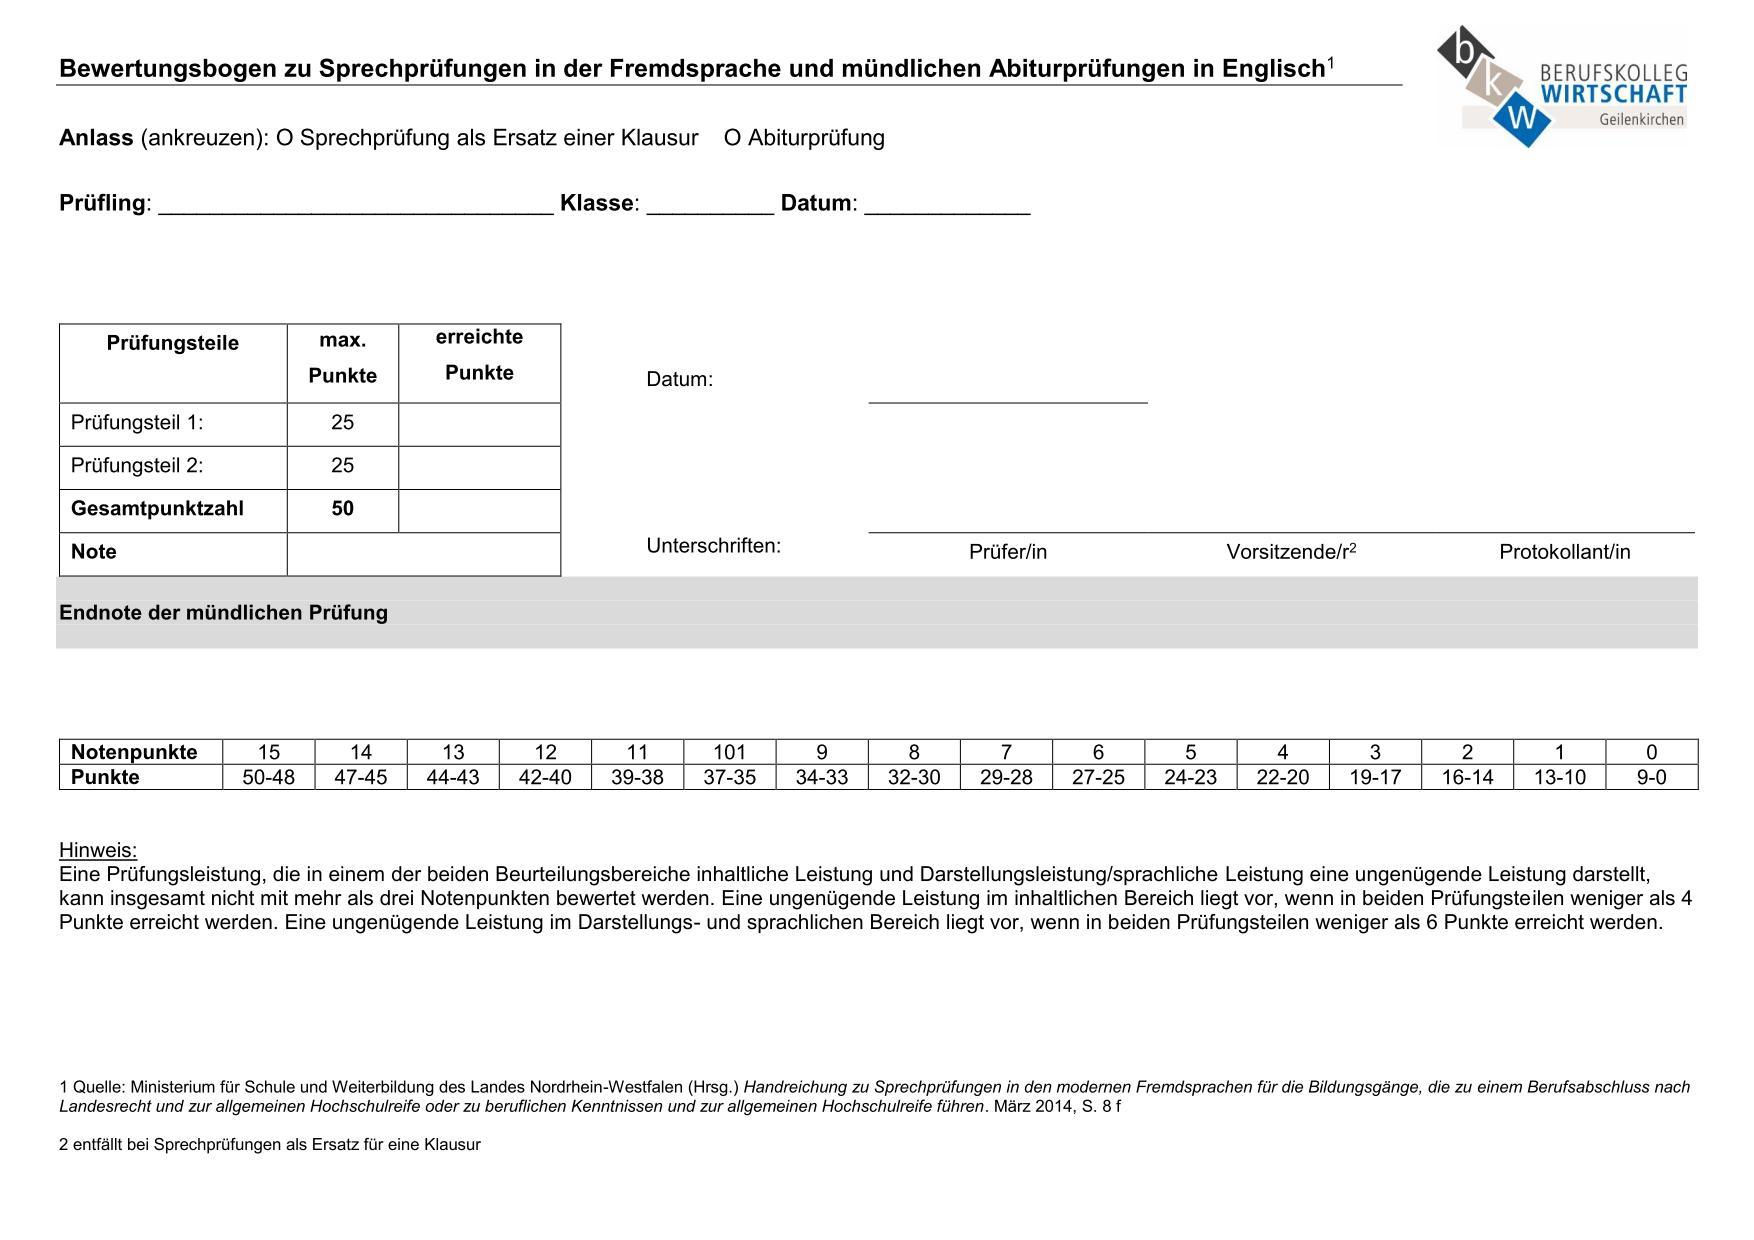 Leistungsbewertung Berufskolleg Wirtschaft Geilenkirchen